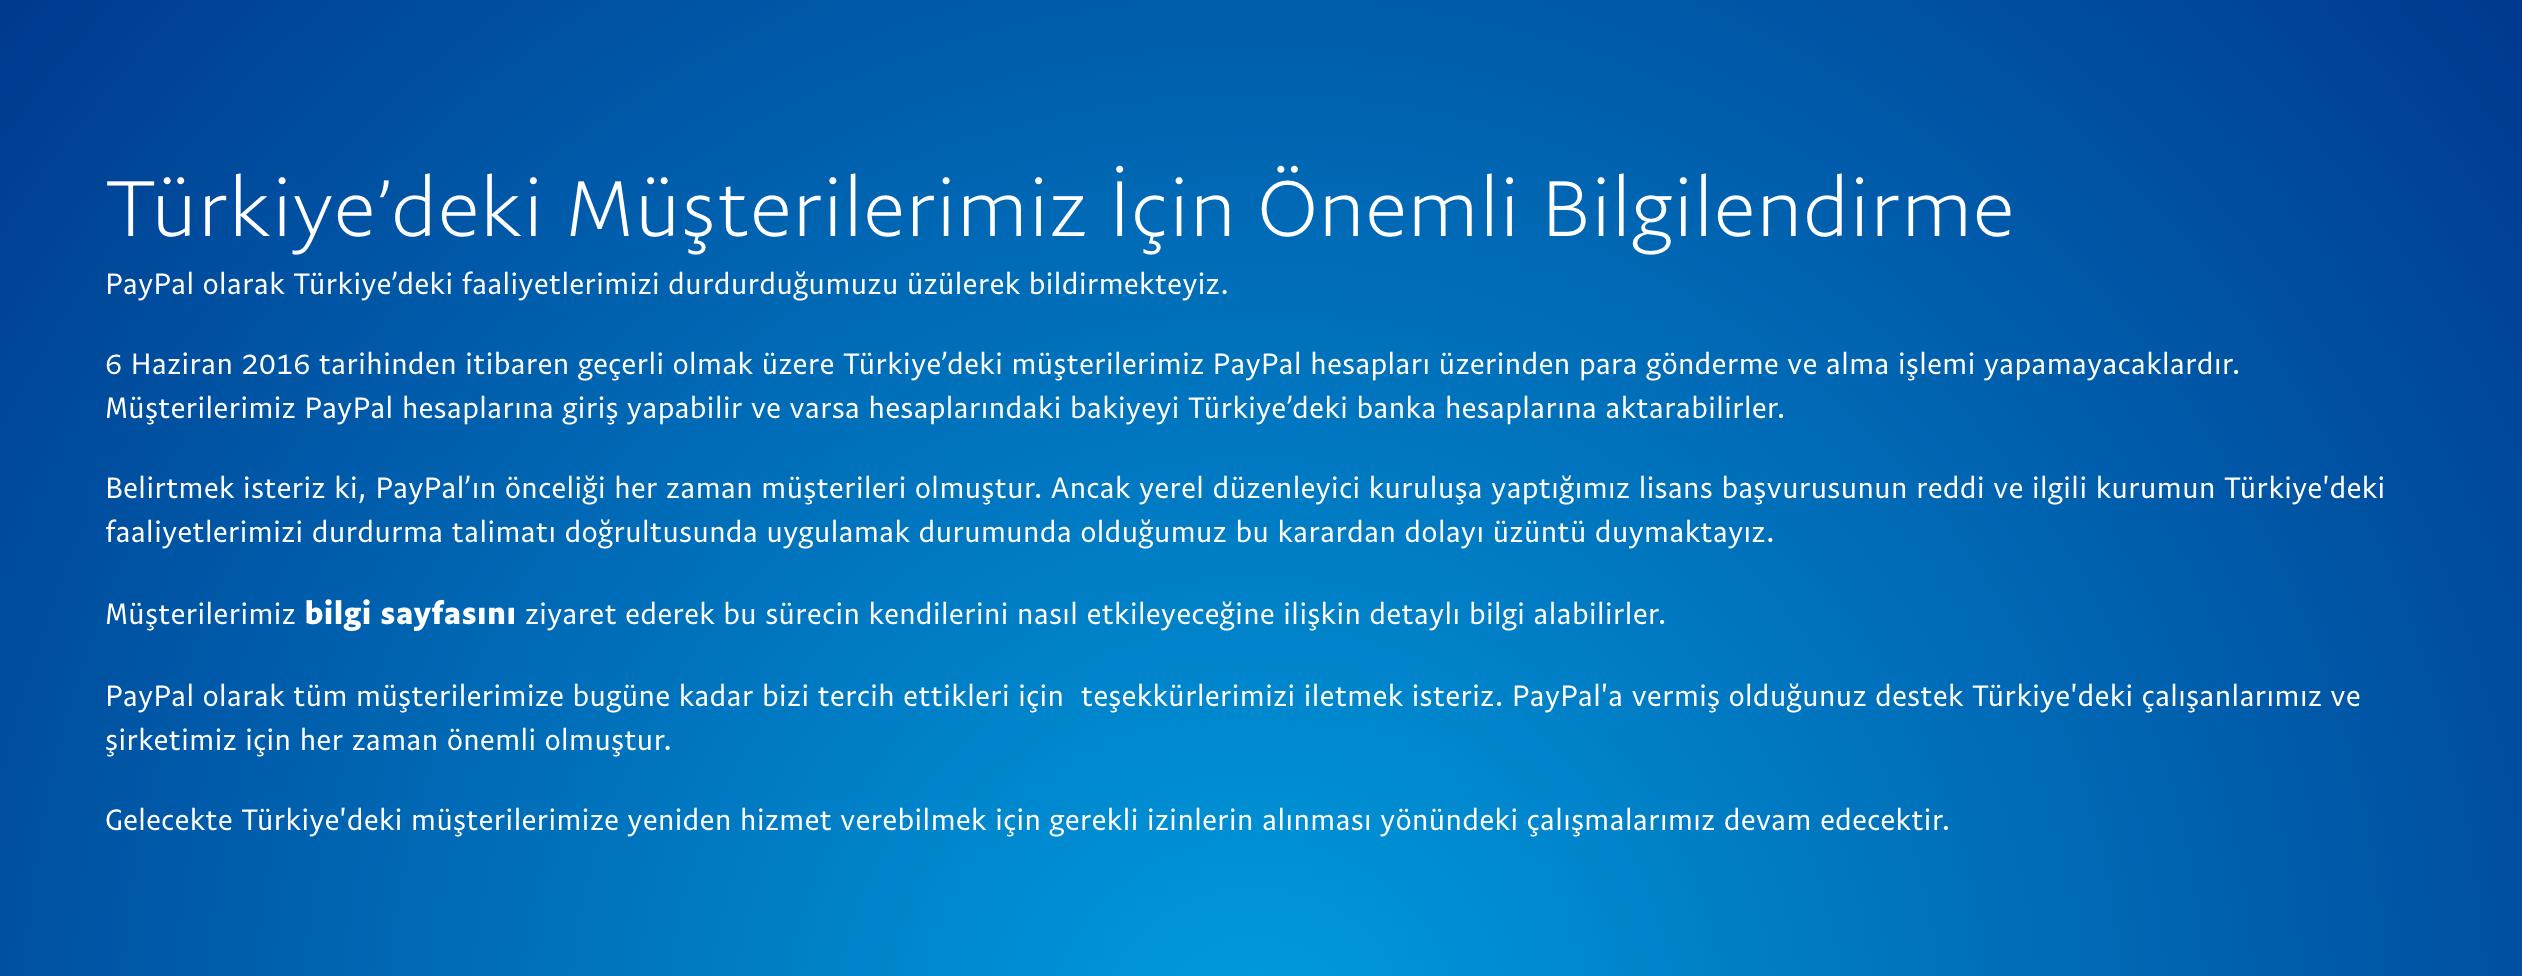 Paypal Türkiyeden Çekilme Kararı Aldı